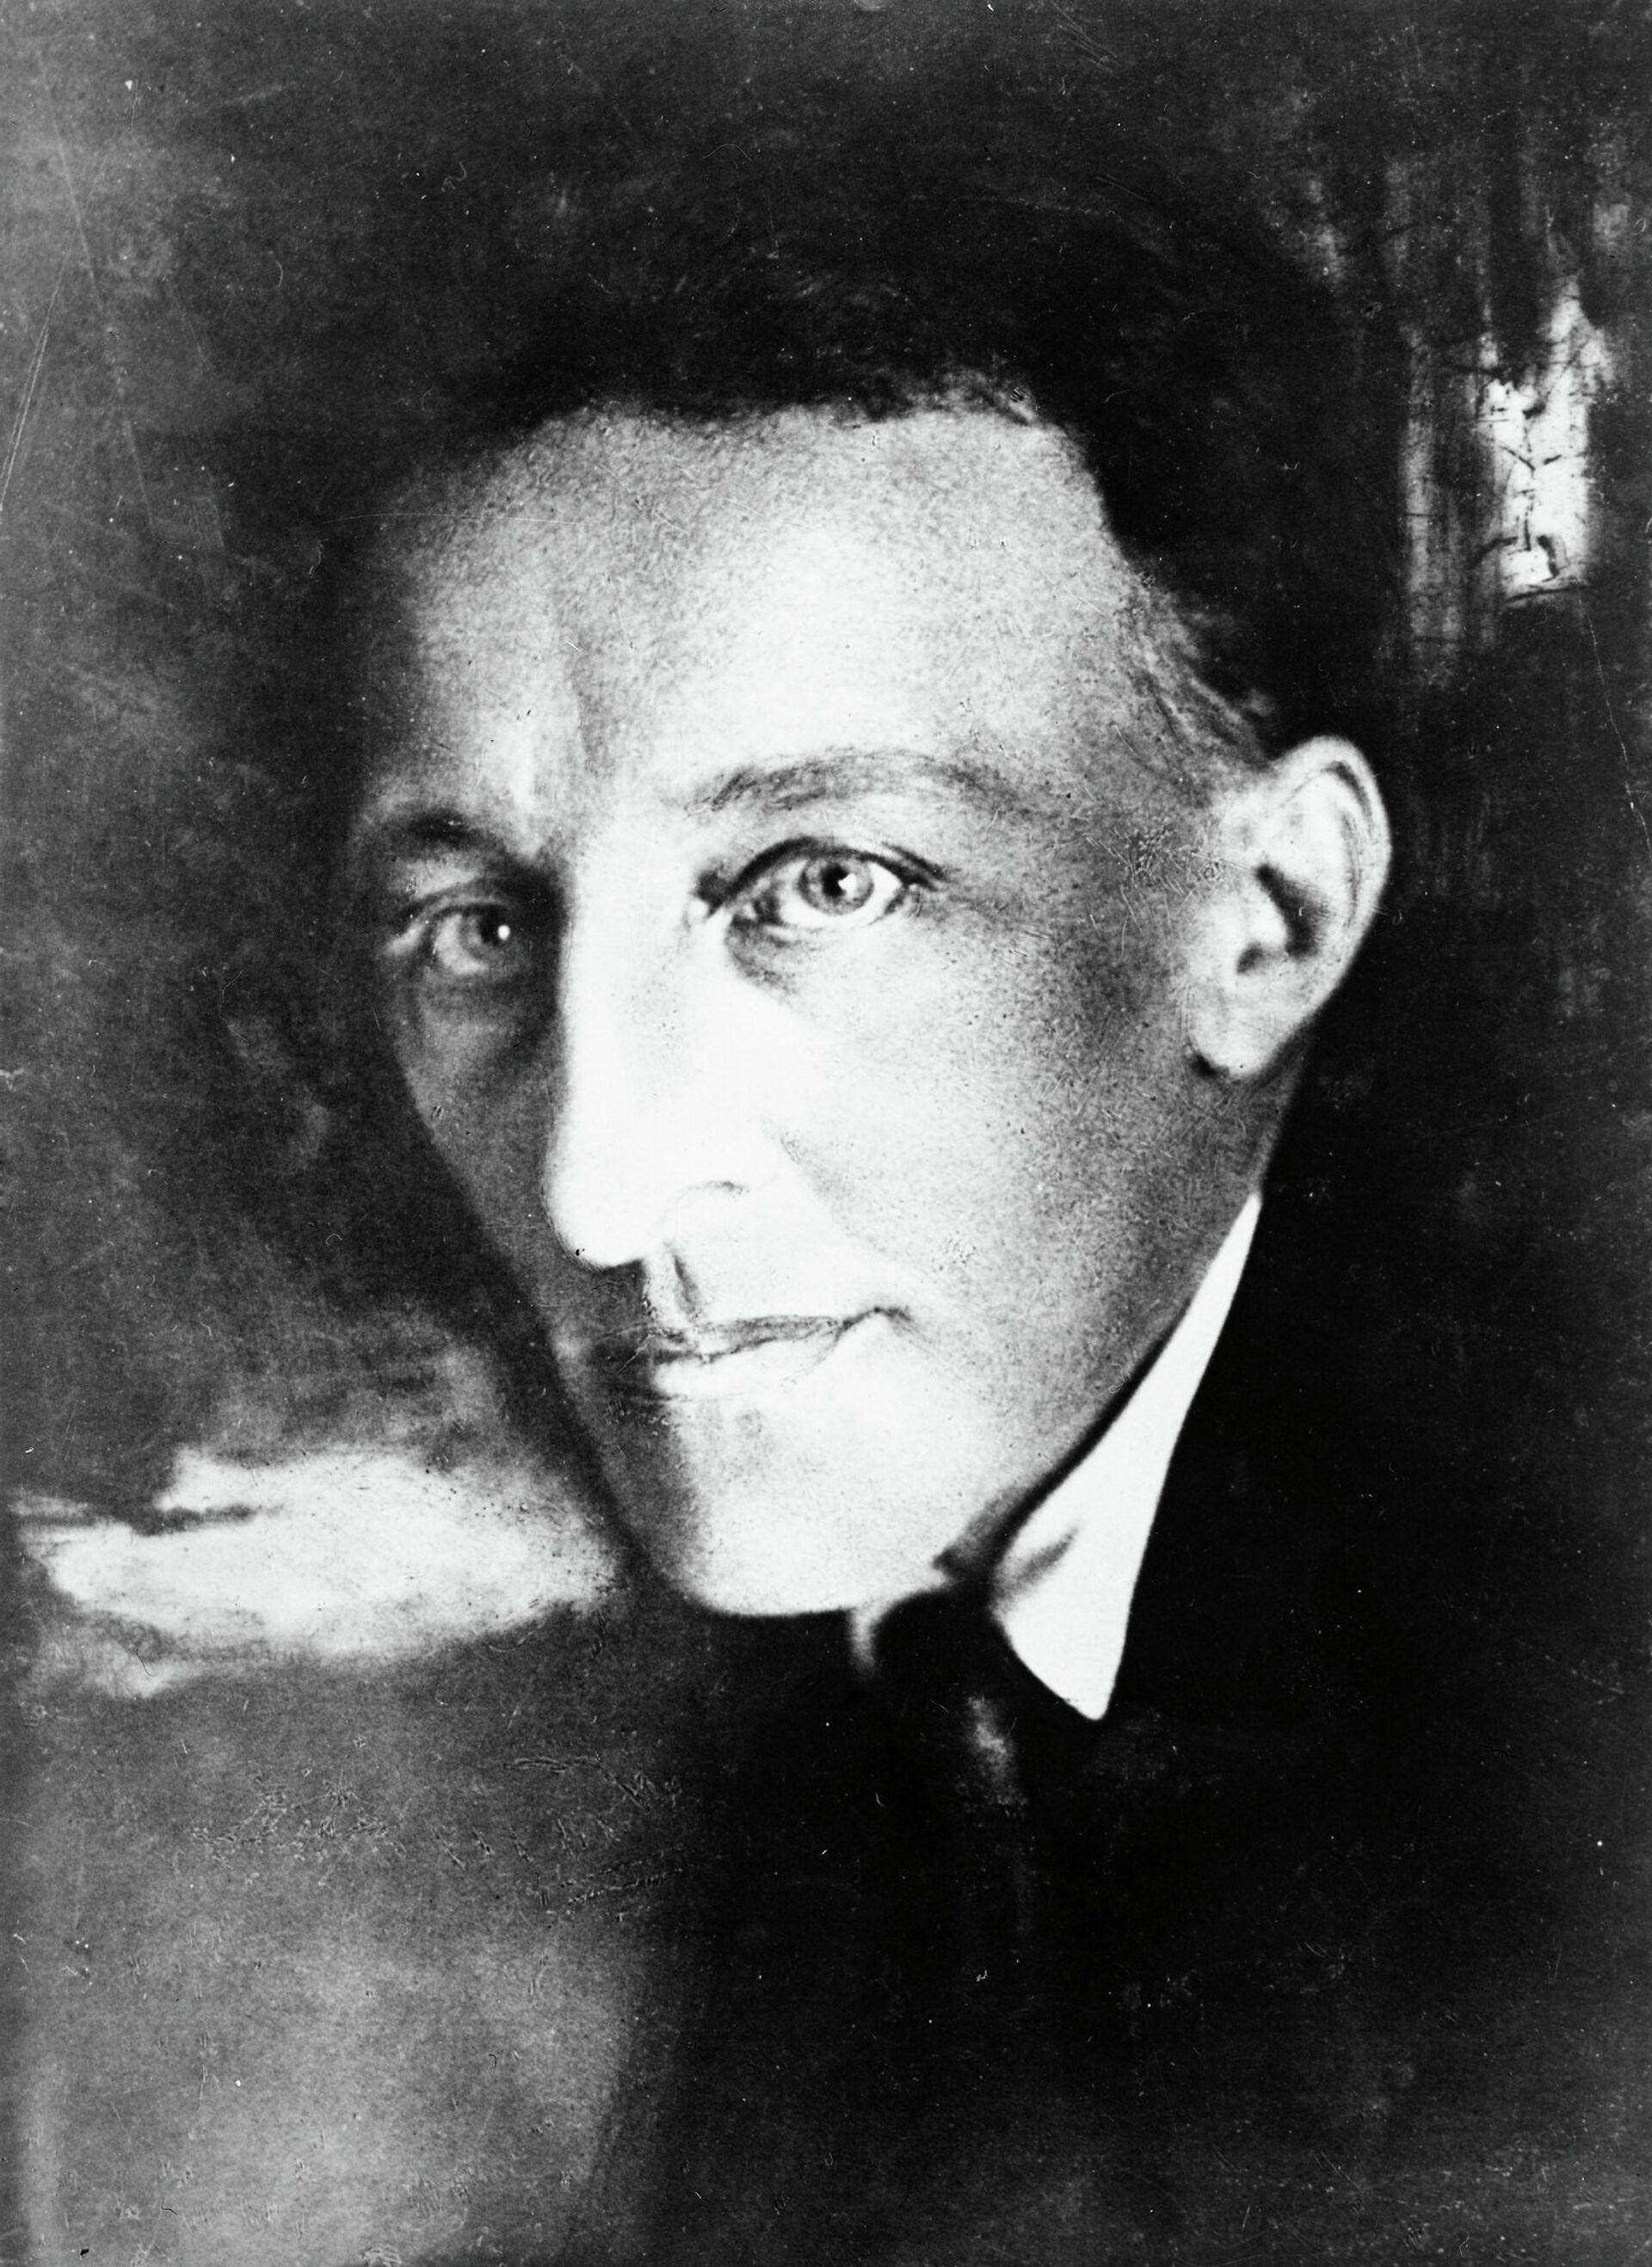 Русский поэт Александр Блок - РИА Новости, 1920, 24.11.2020